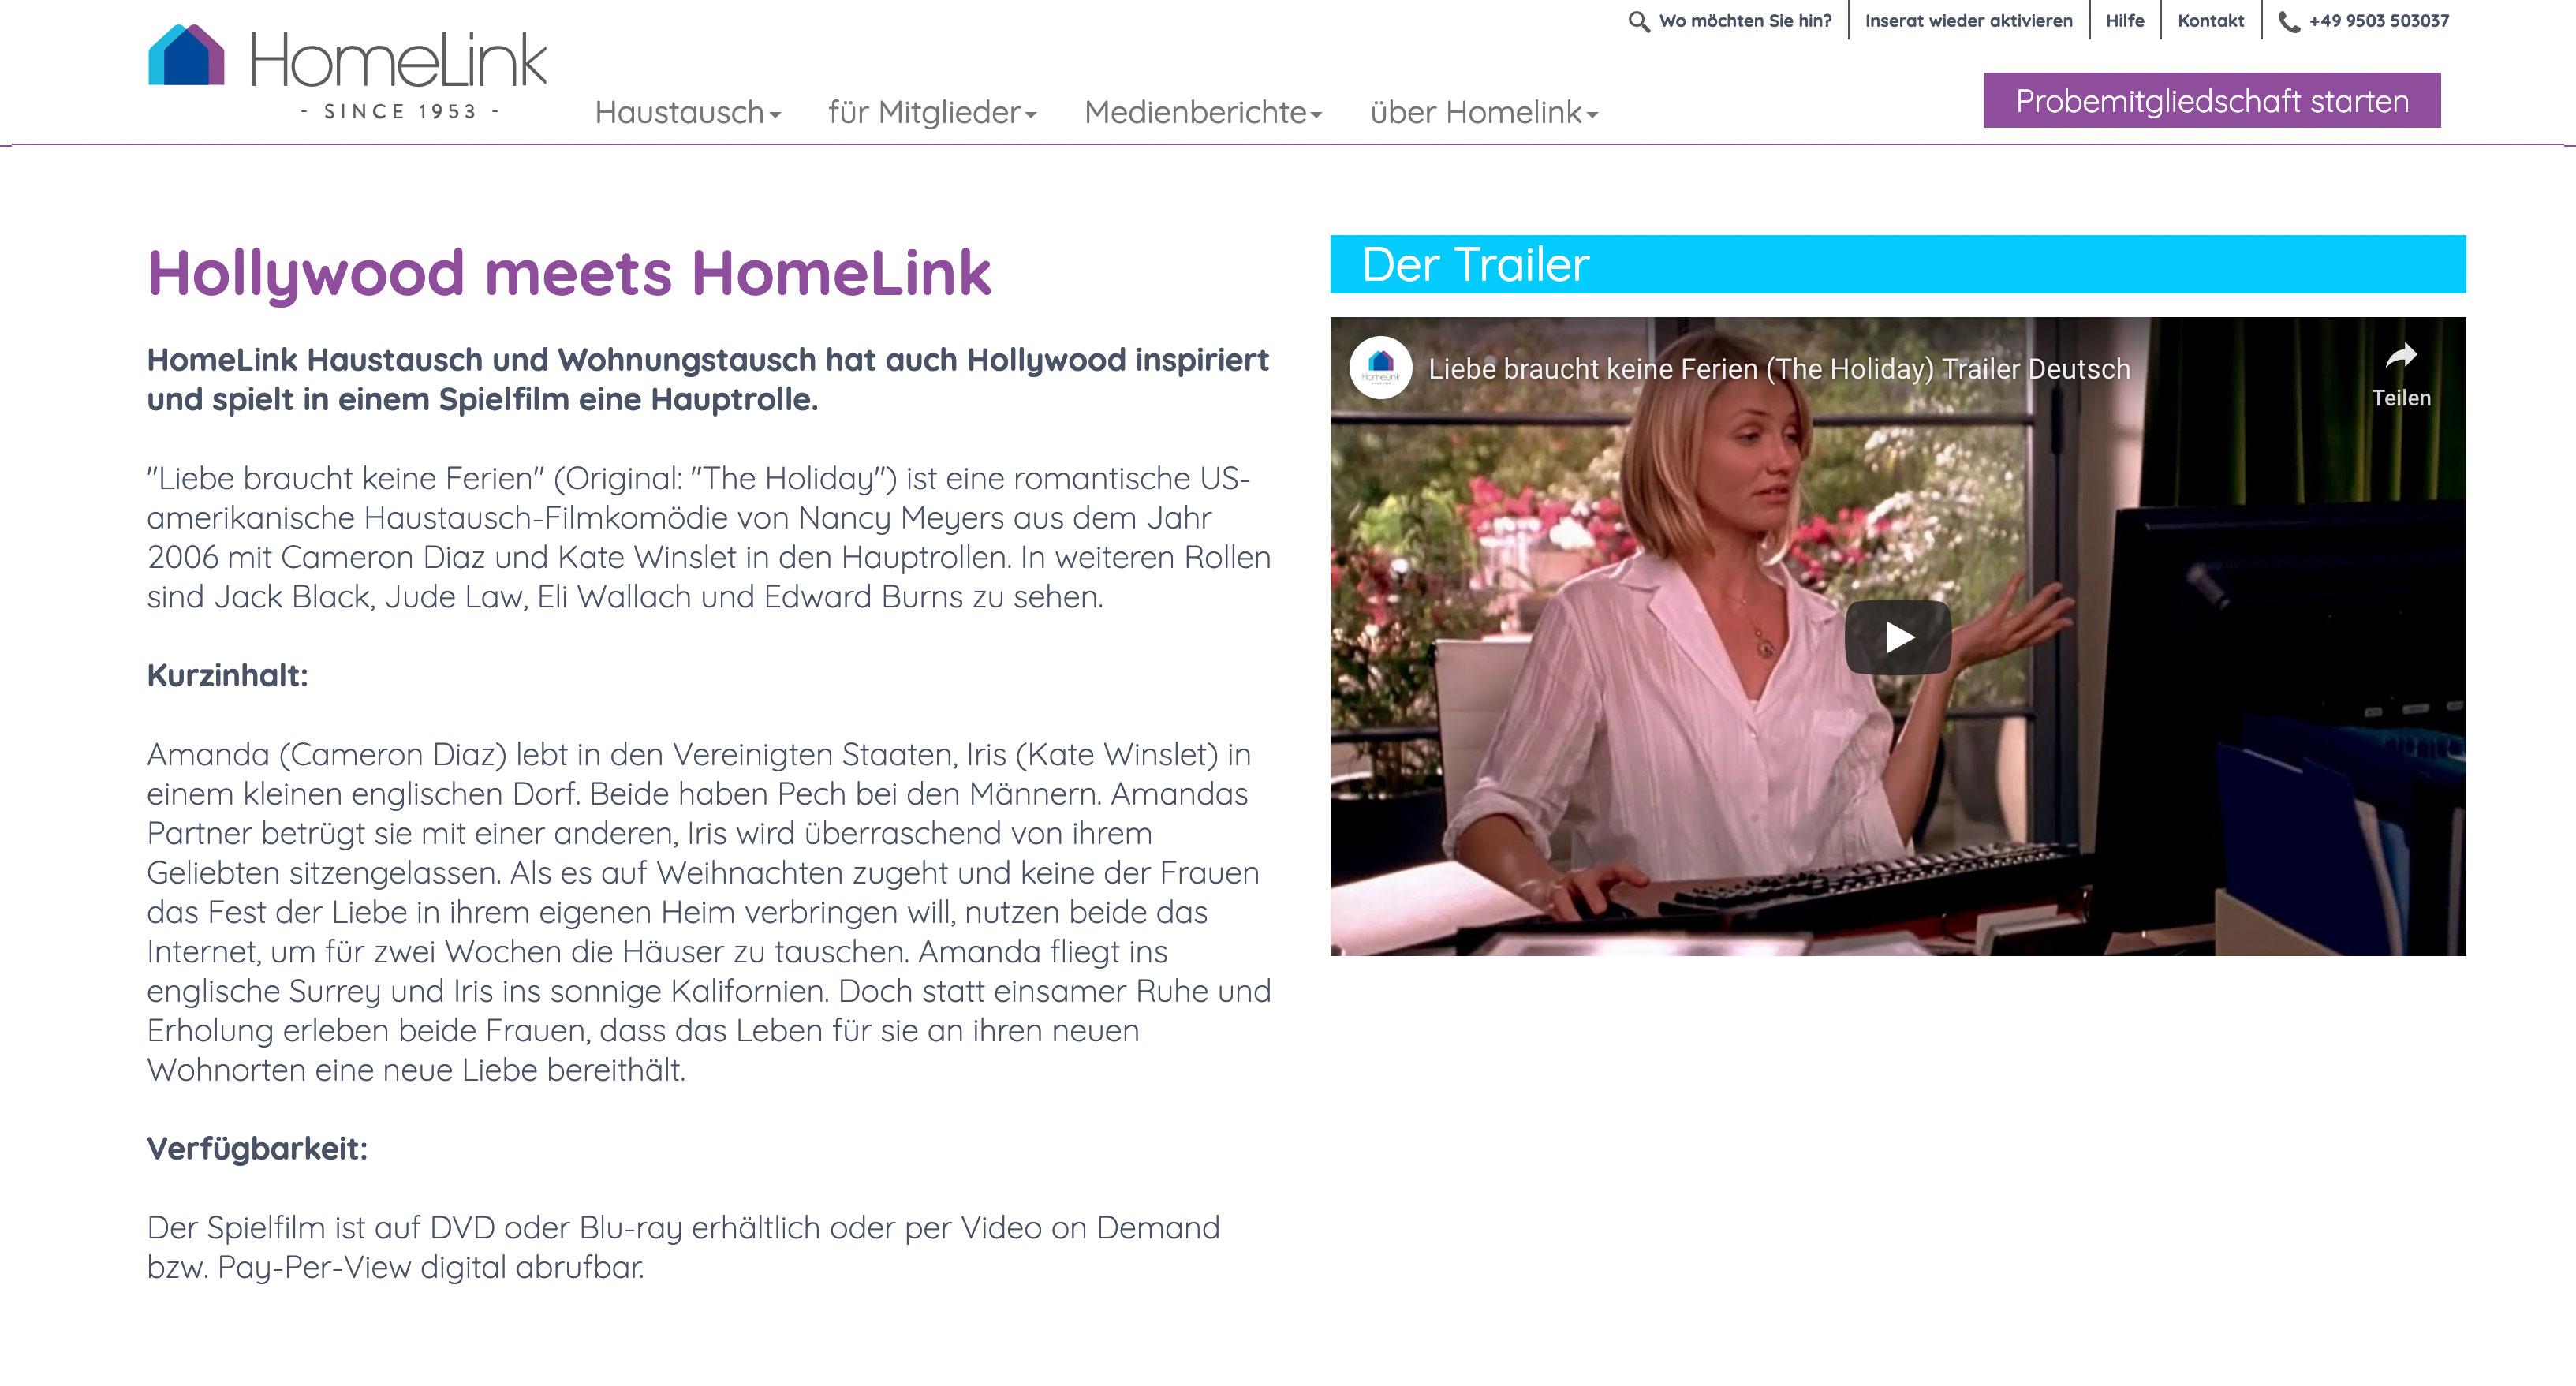 Homelink // Wohnungstausch